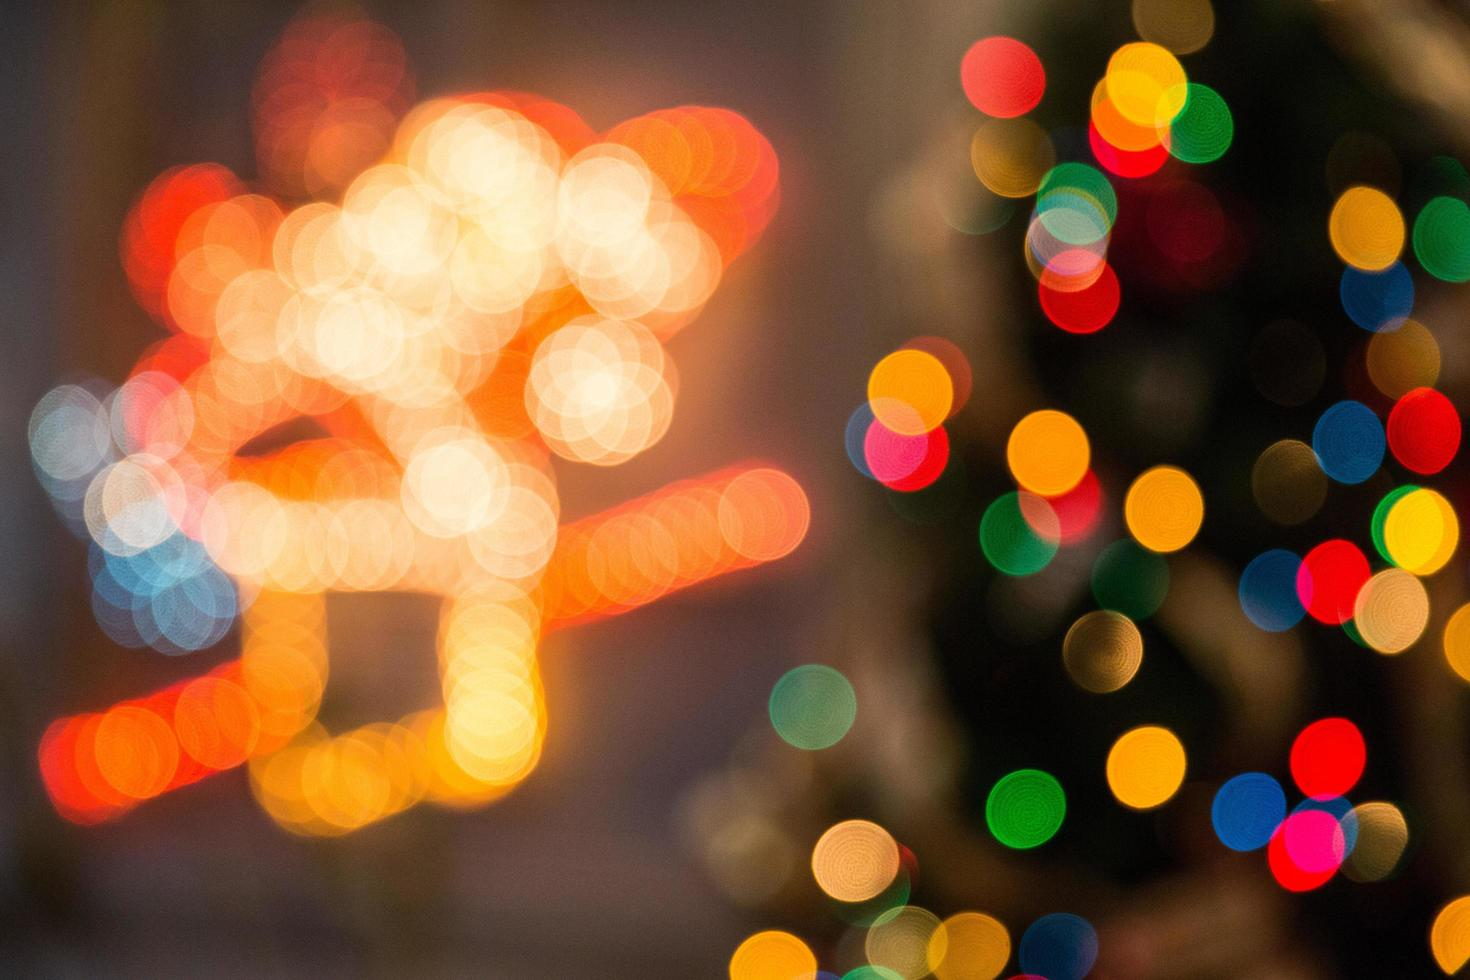 geassorteerde kleurenlichten foto